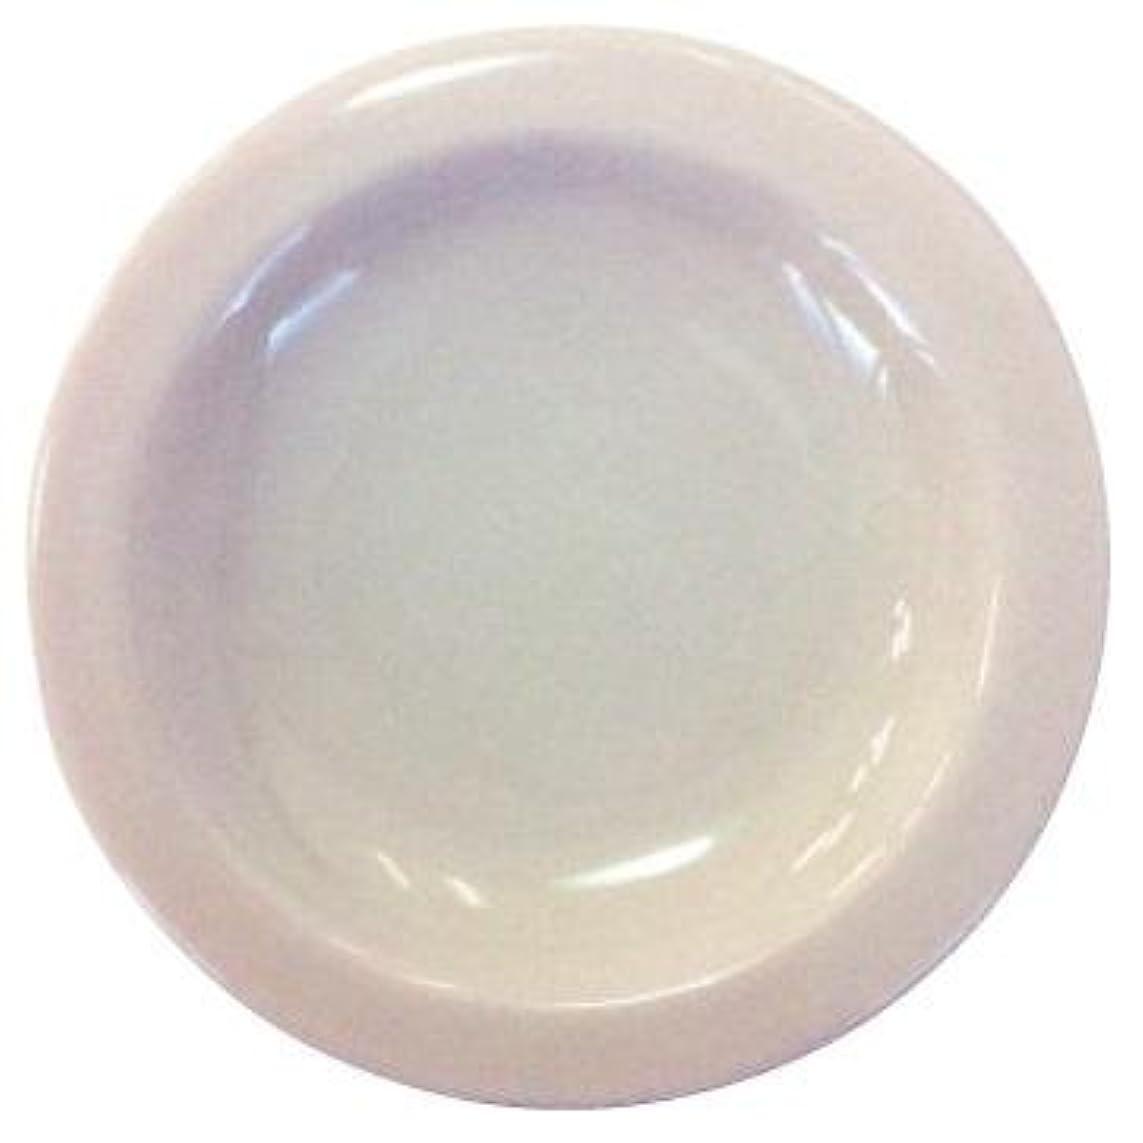 考古学者差別するショッピングセンター生活の木 アロマランプL フラワー用精油皿(上皿)